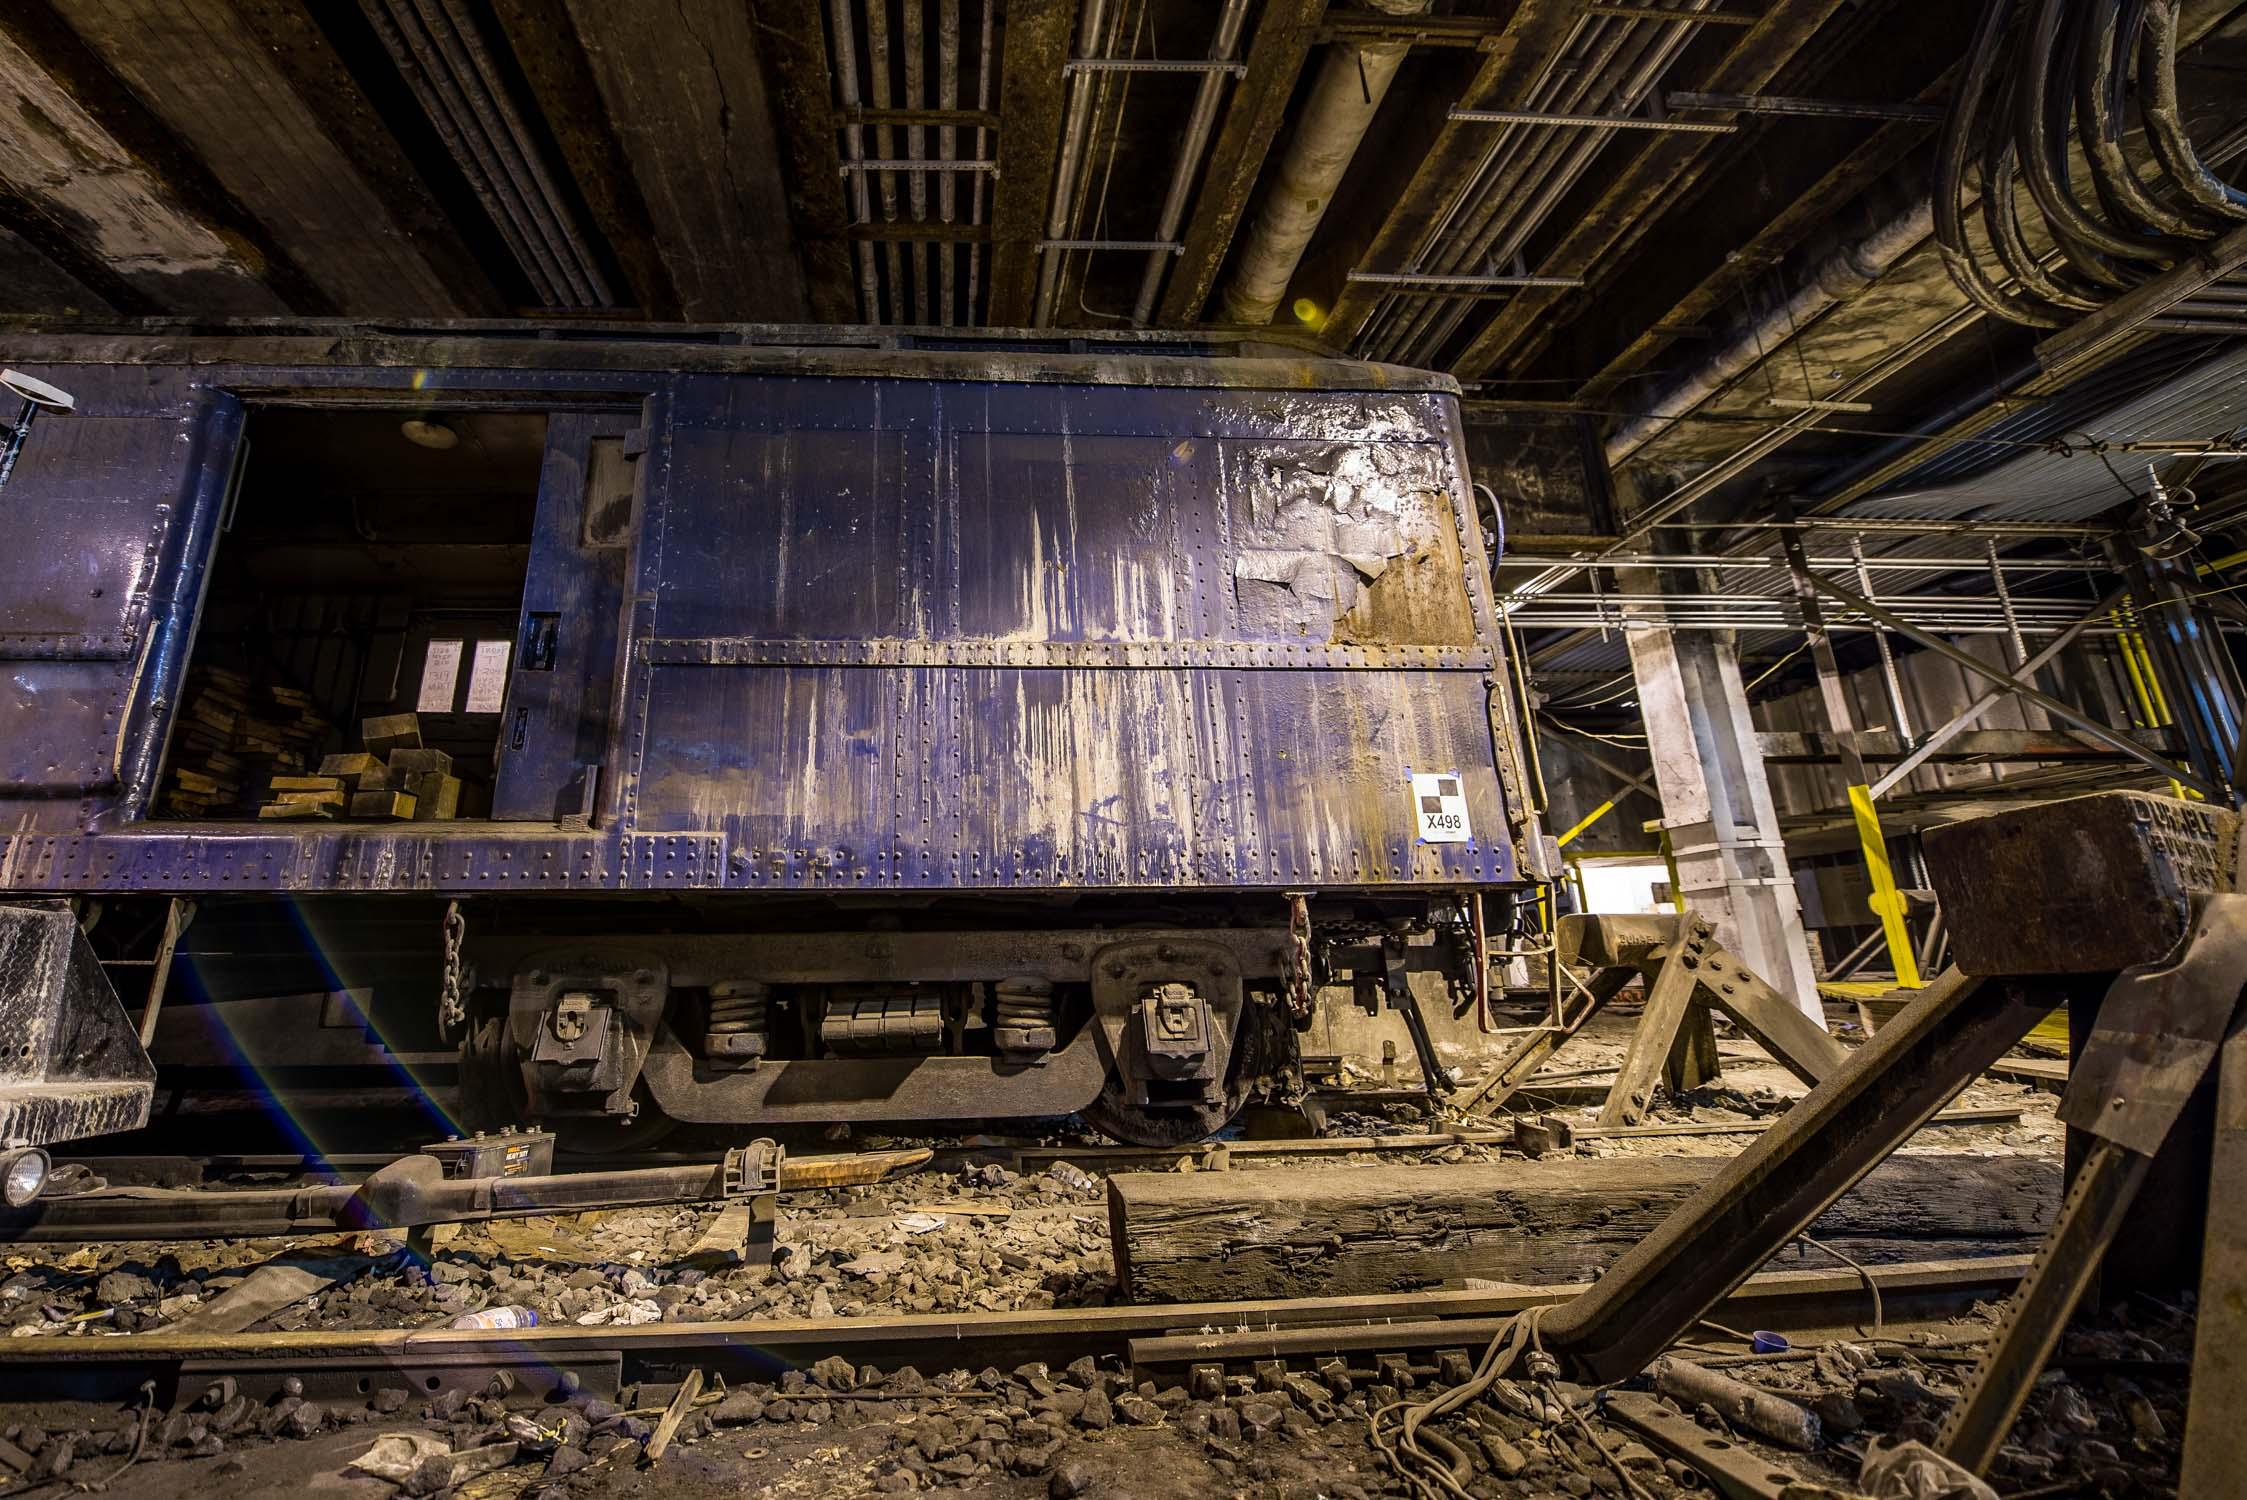 President Roosevelt's abandoned amor plated rail car